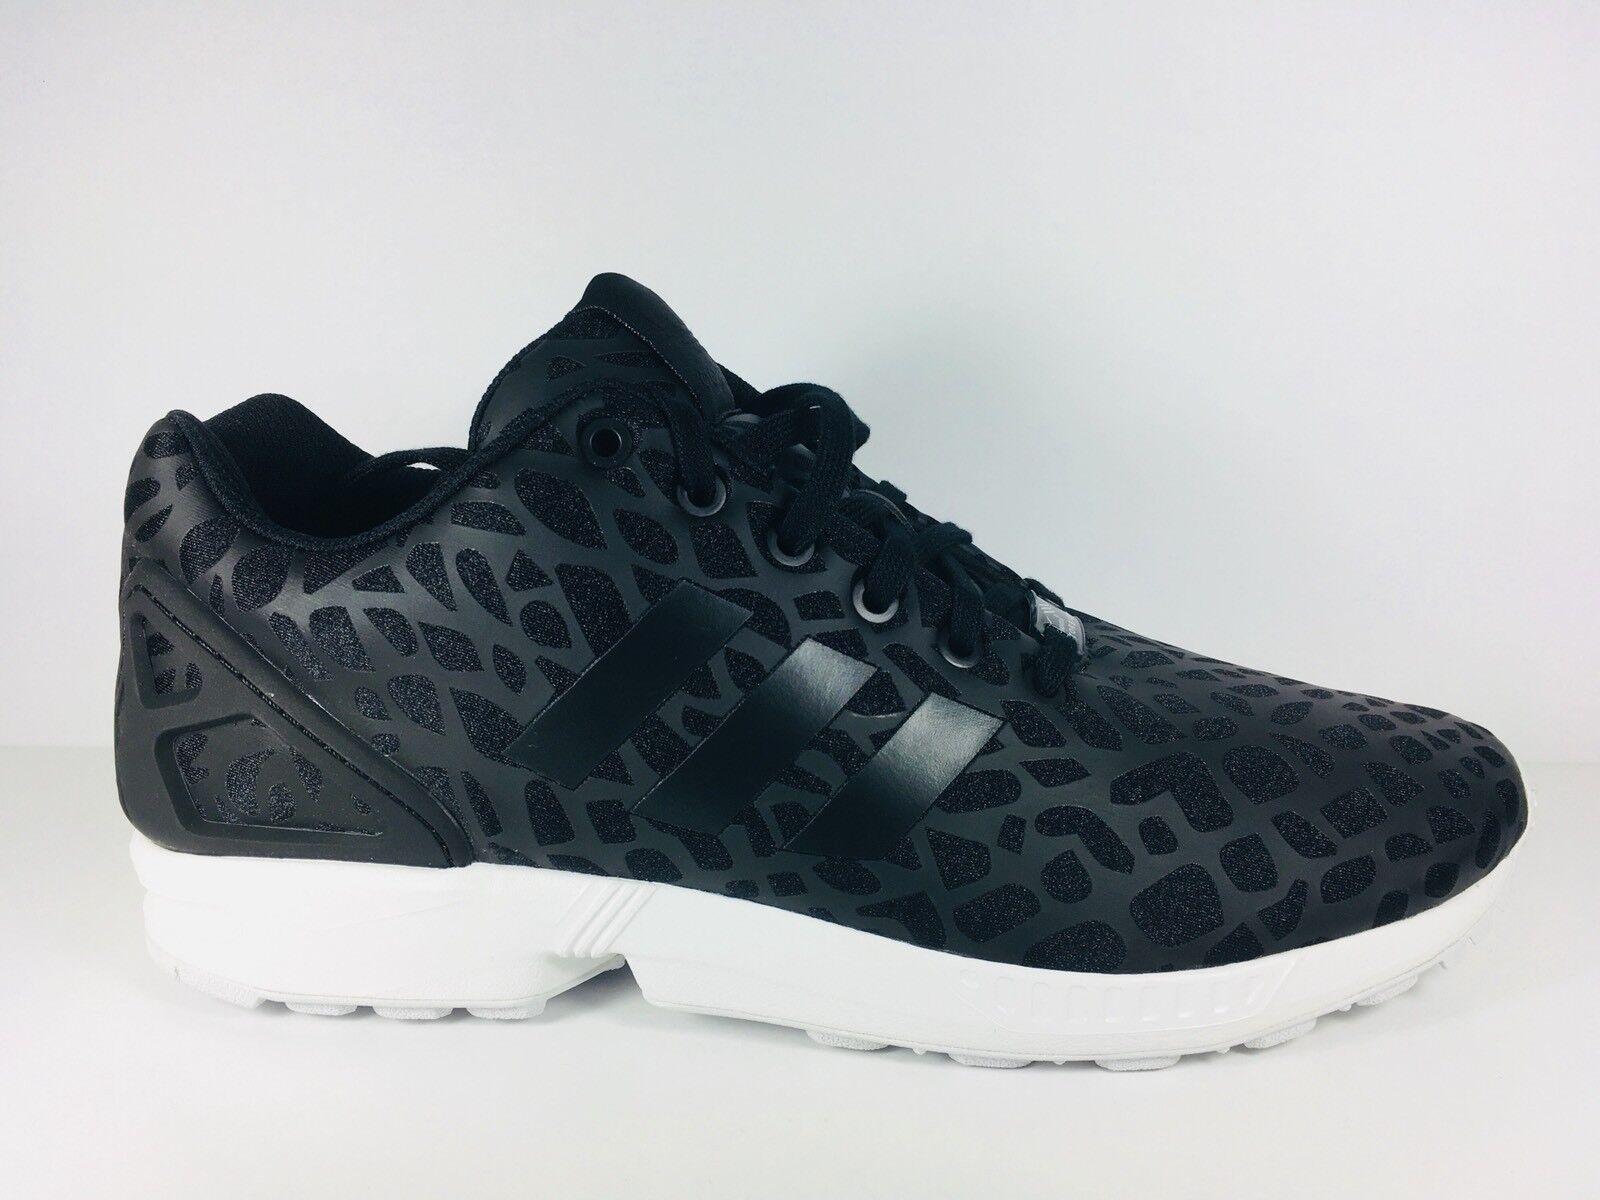 Adidas Originals ZX Flux Negro el / Blanco Hombre cómodo el Negro calzado más popular para los hombres y las mujeres 7b3c8e